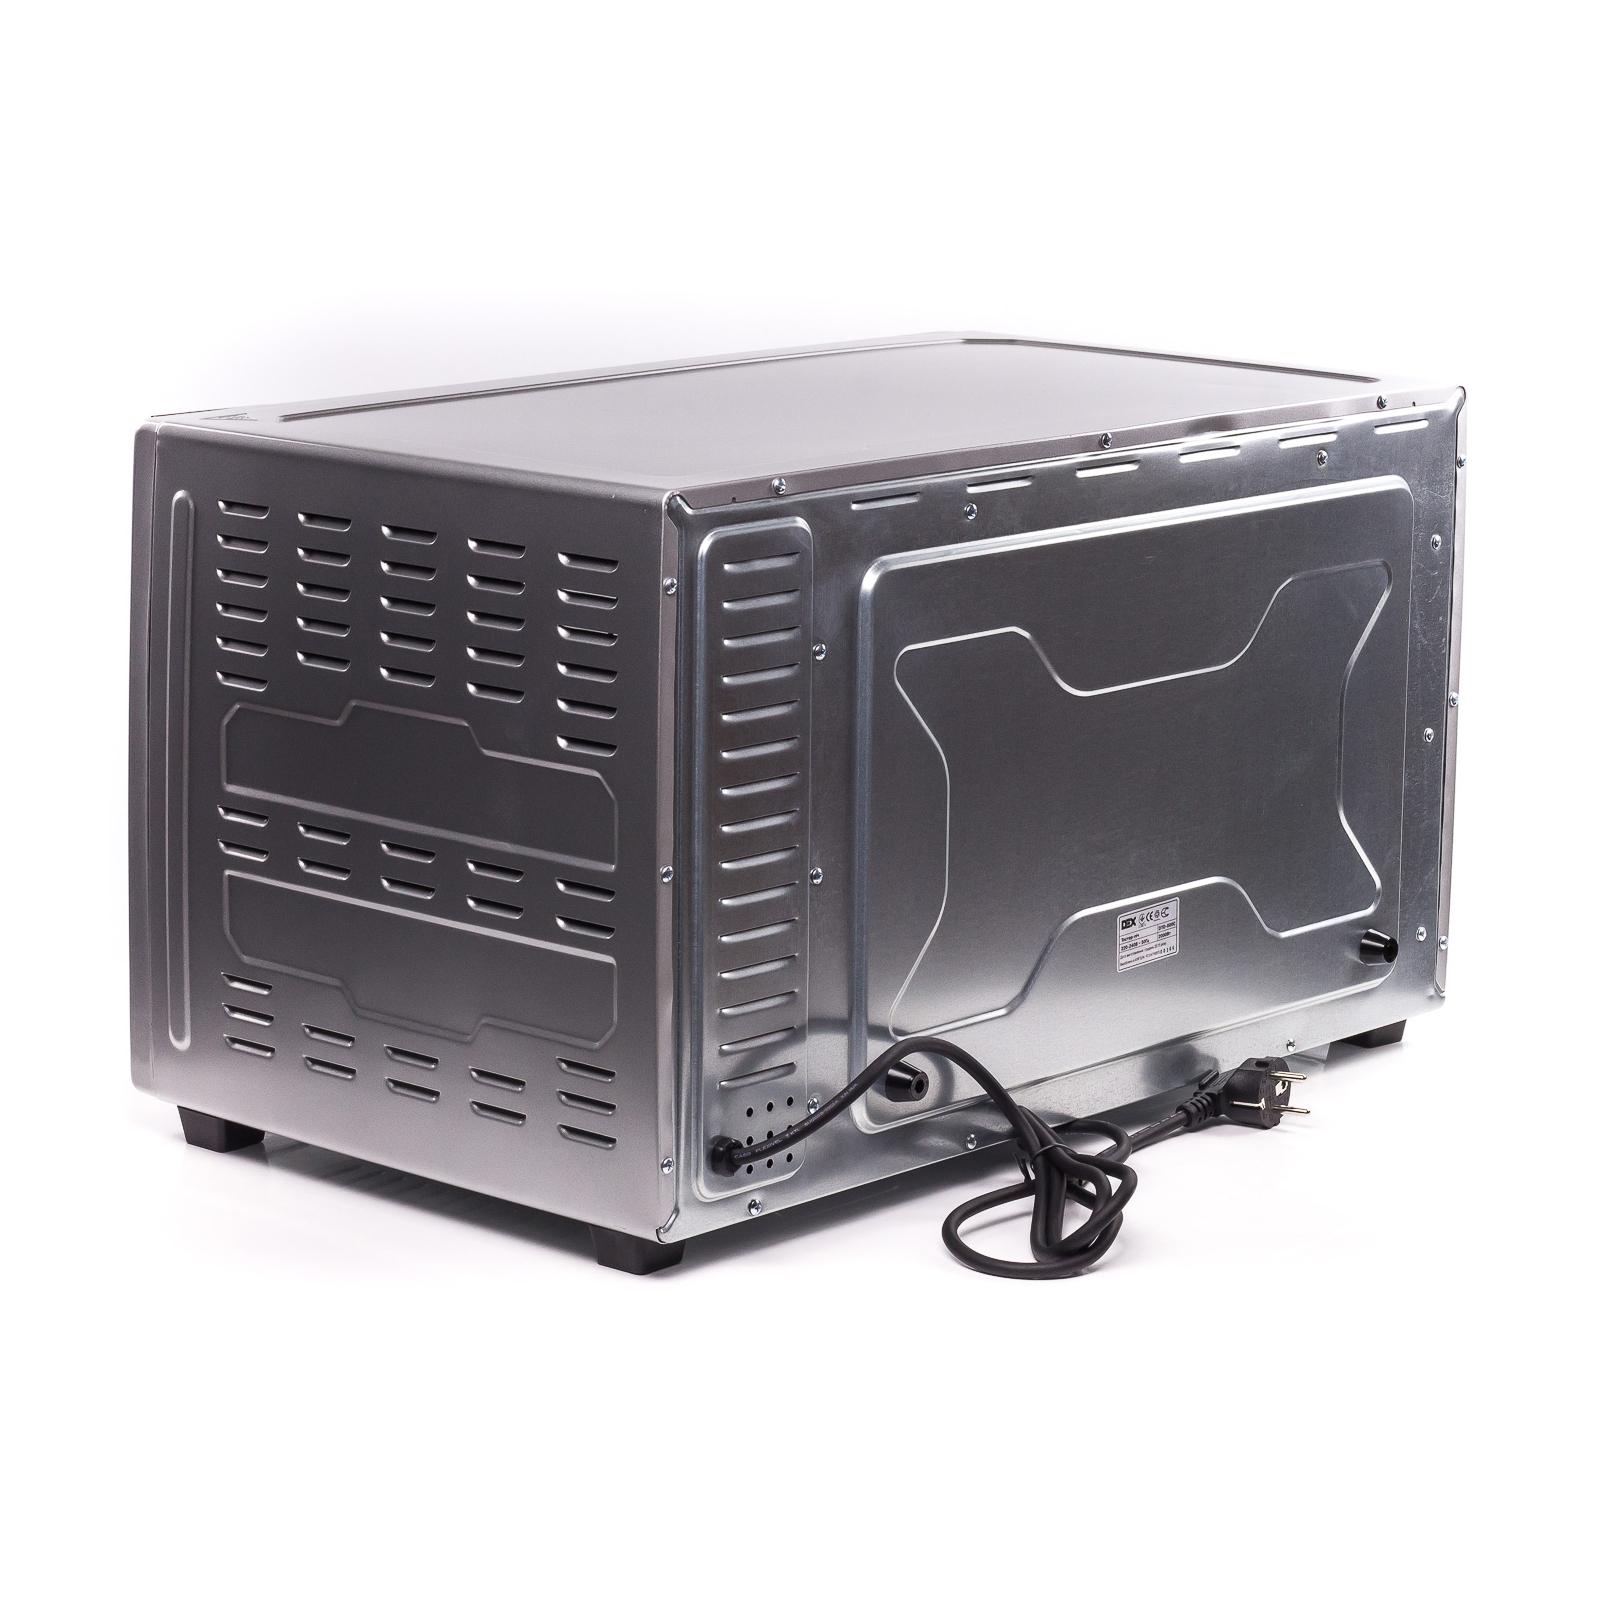 Электропечь DEX DTO-600 C изображение 6